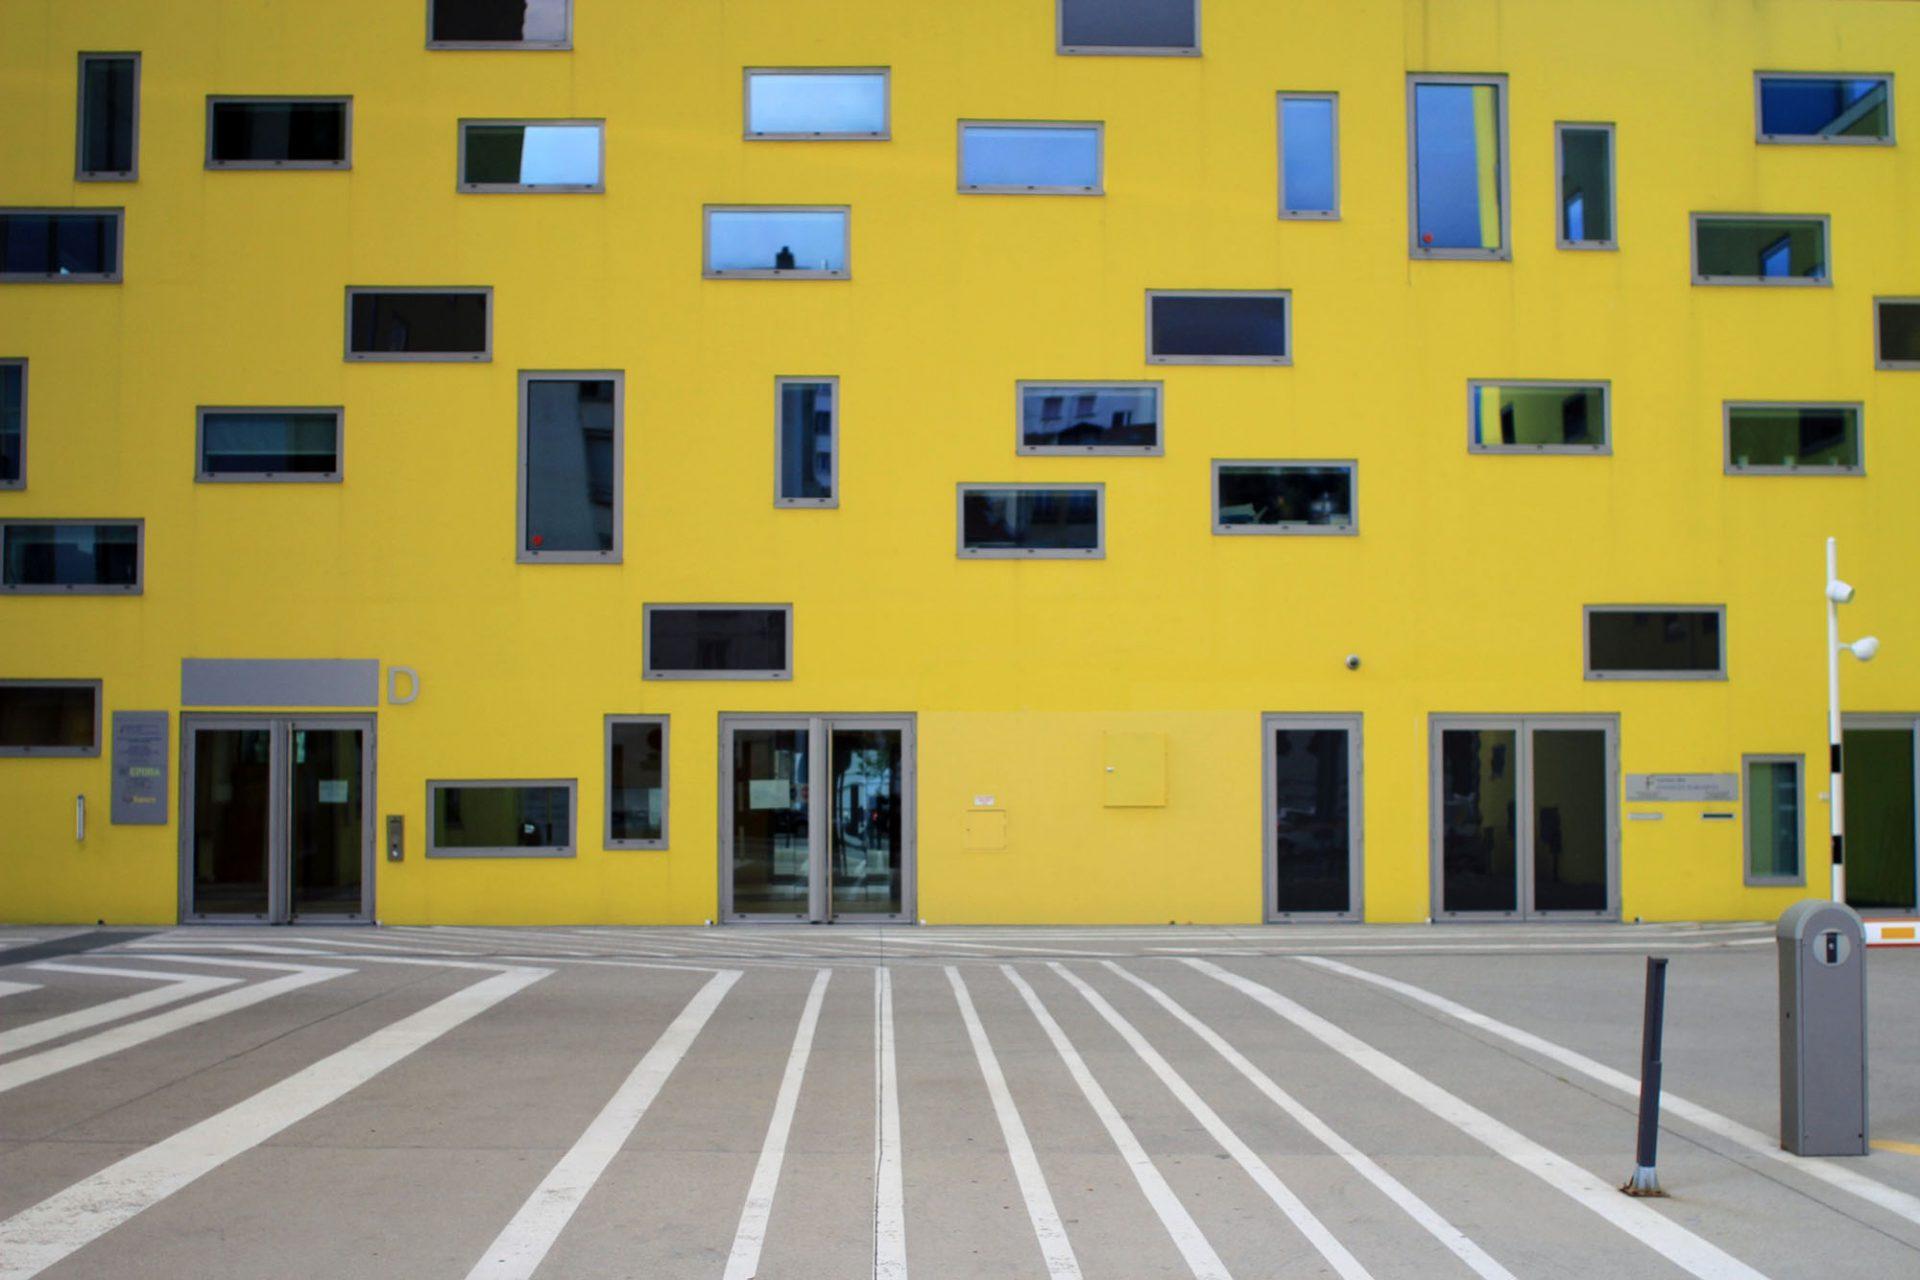 Ilot Grüner.  Gelb dominiert das Innere des Blocks.